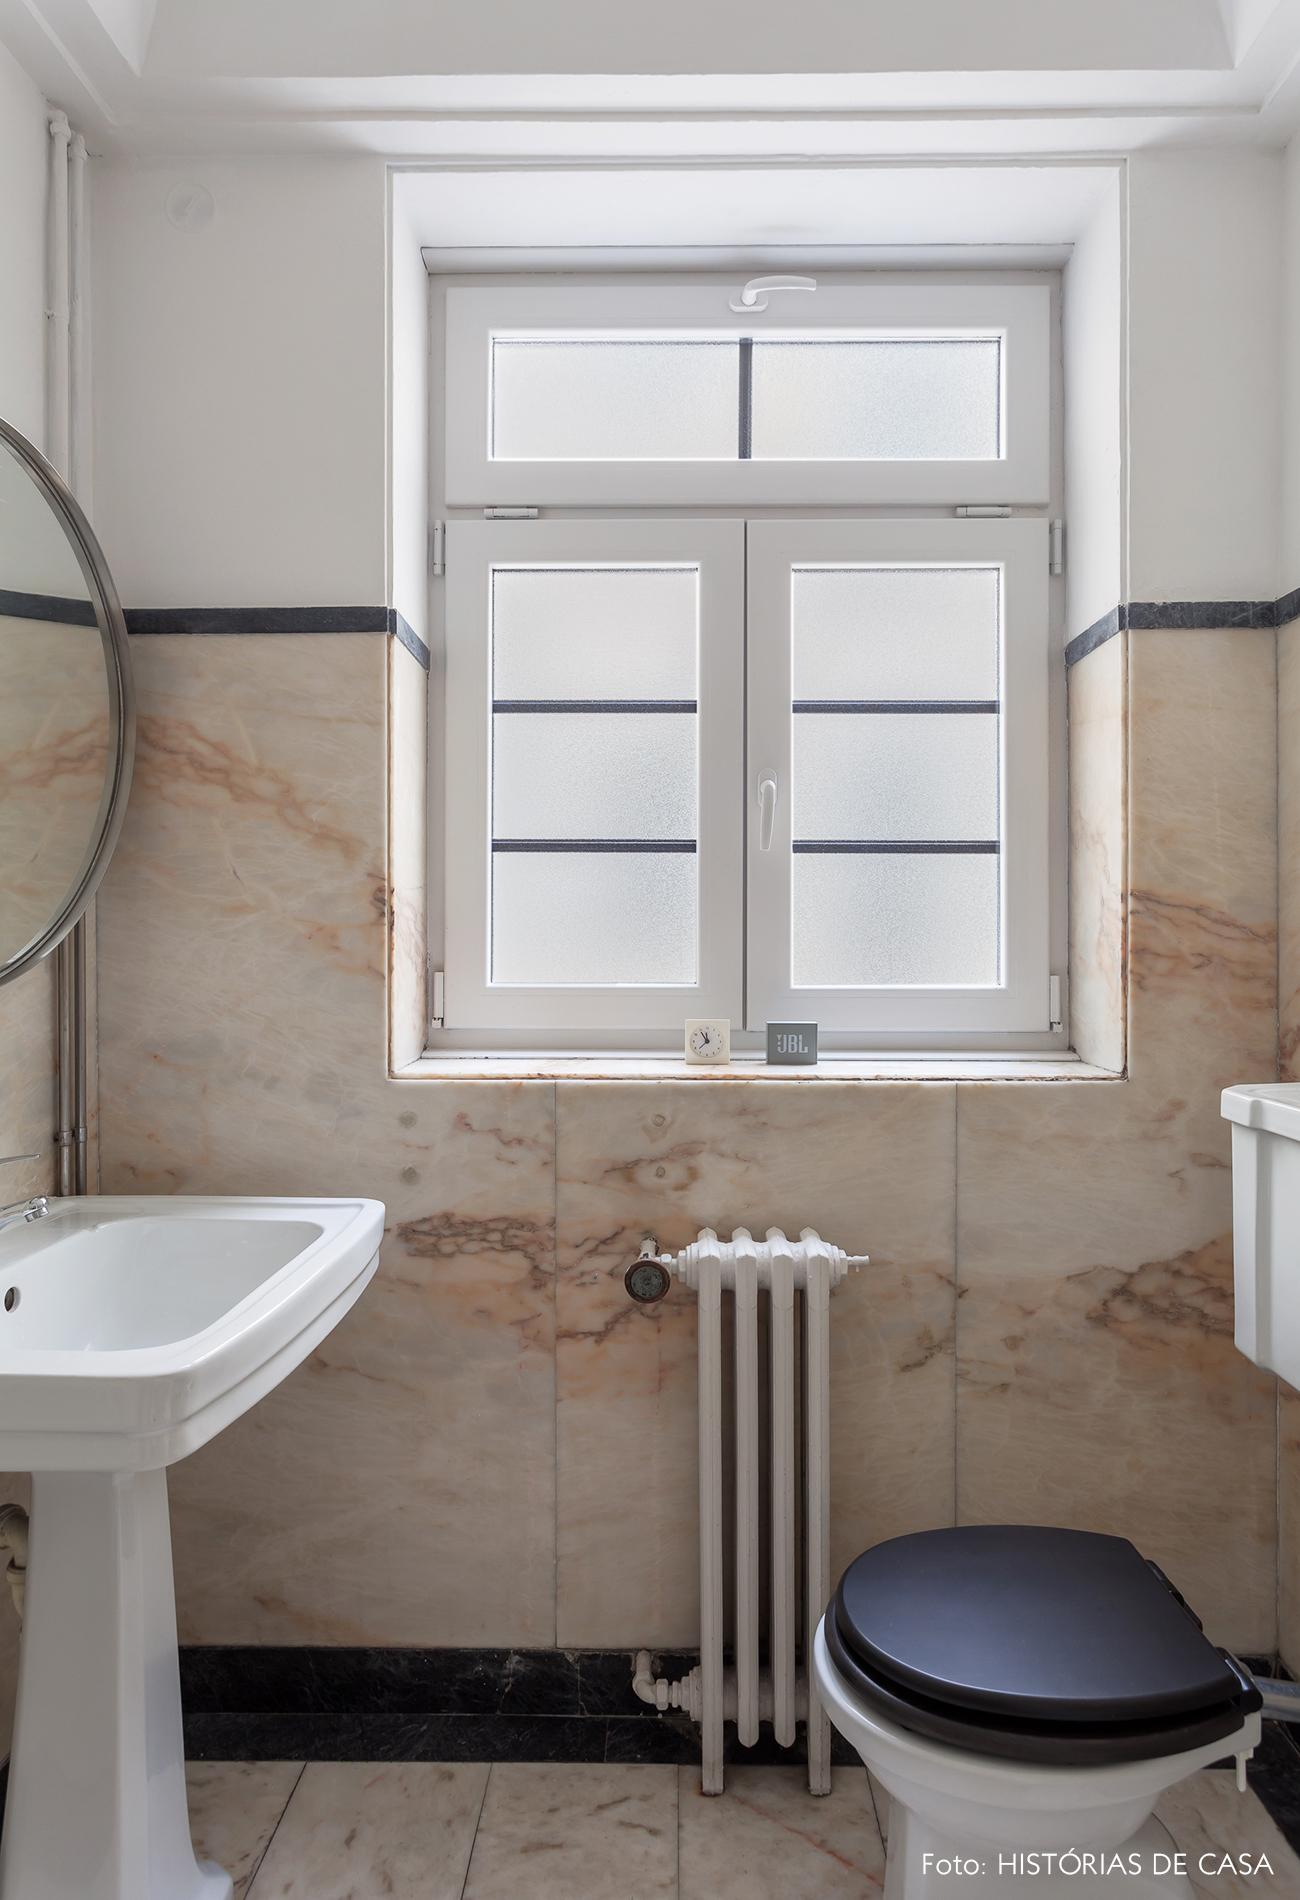 Banheiro antigo com paredes de mármore